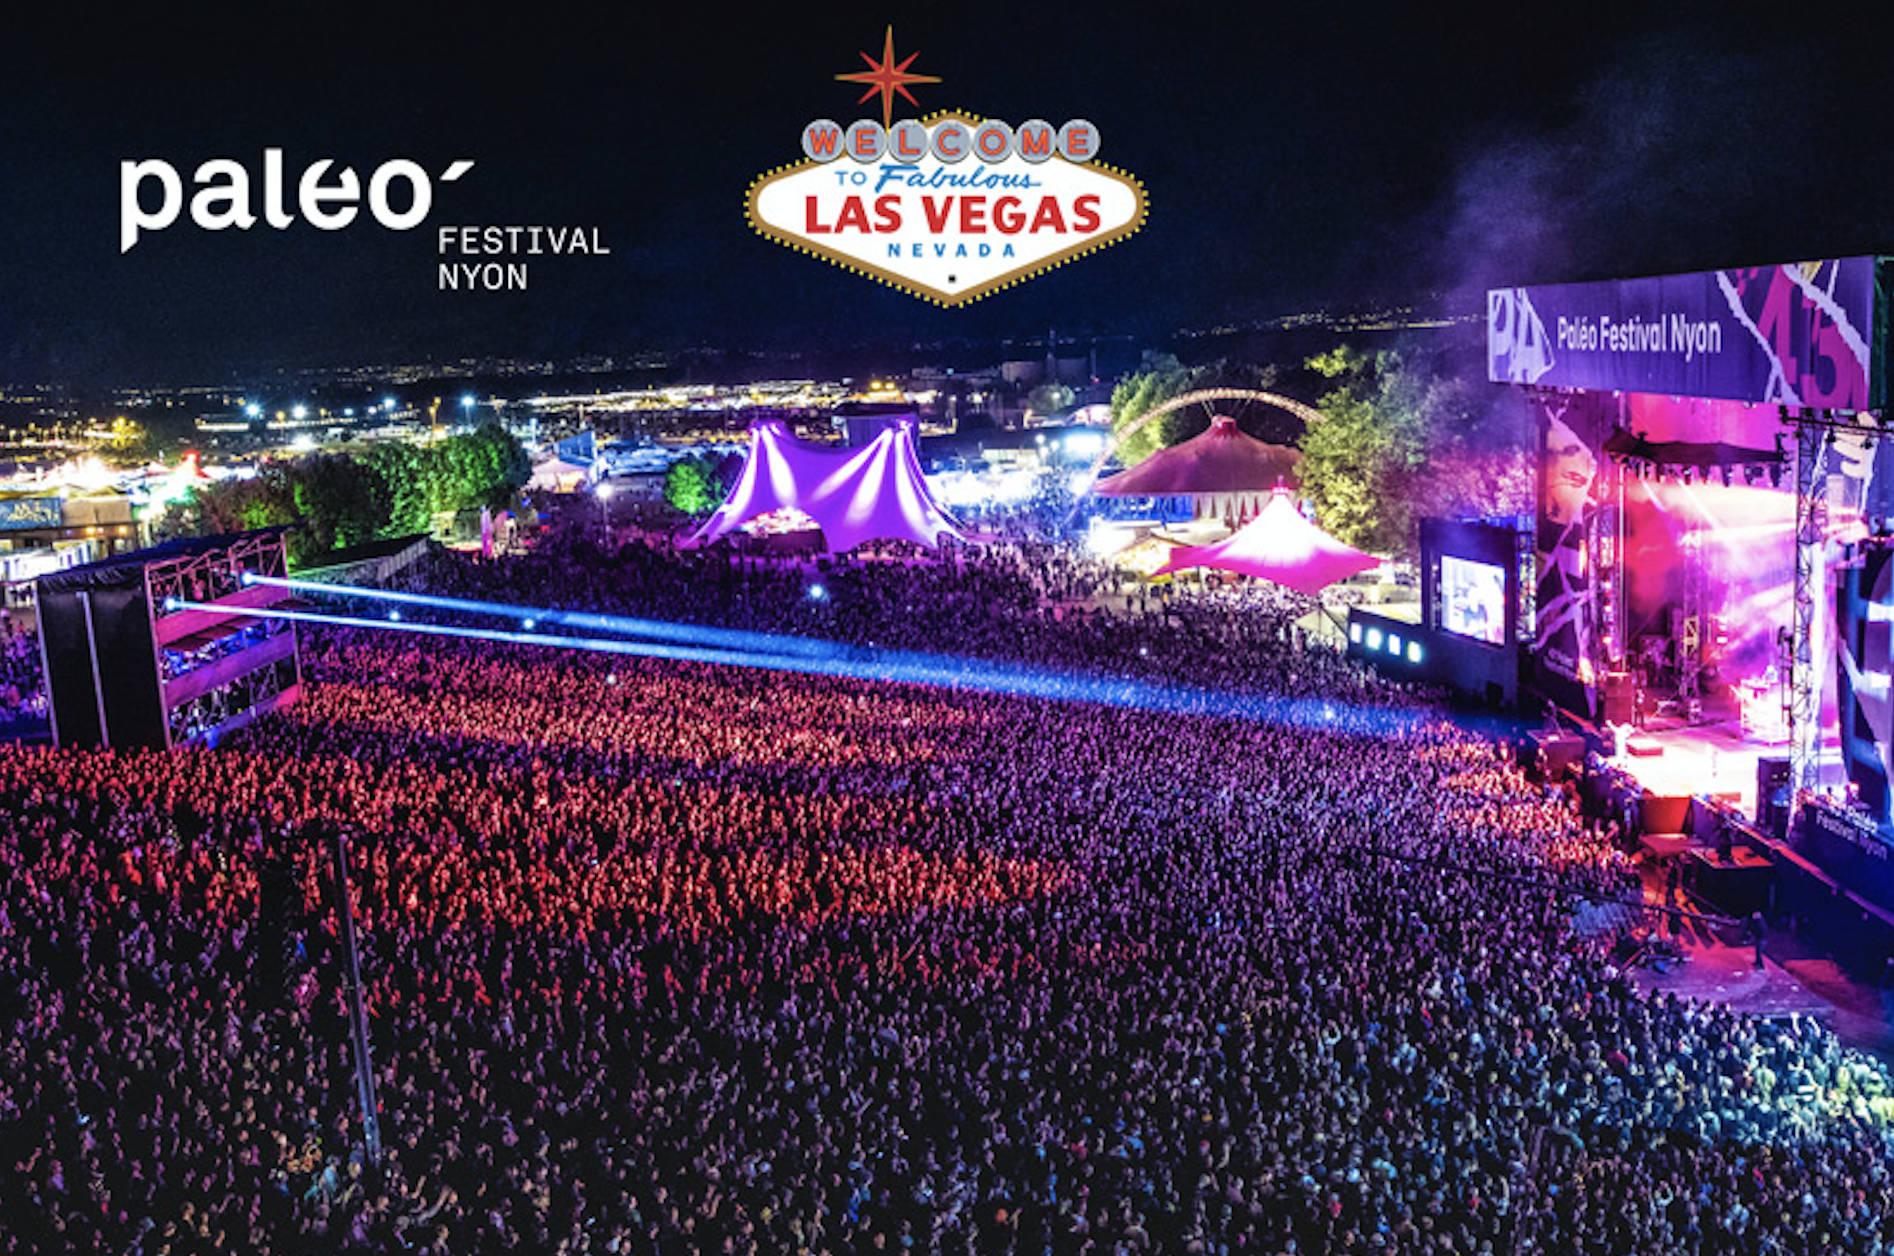 Le Paléo Festival innove encore avec une nouvelle création digitale